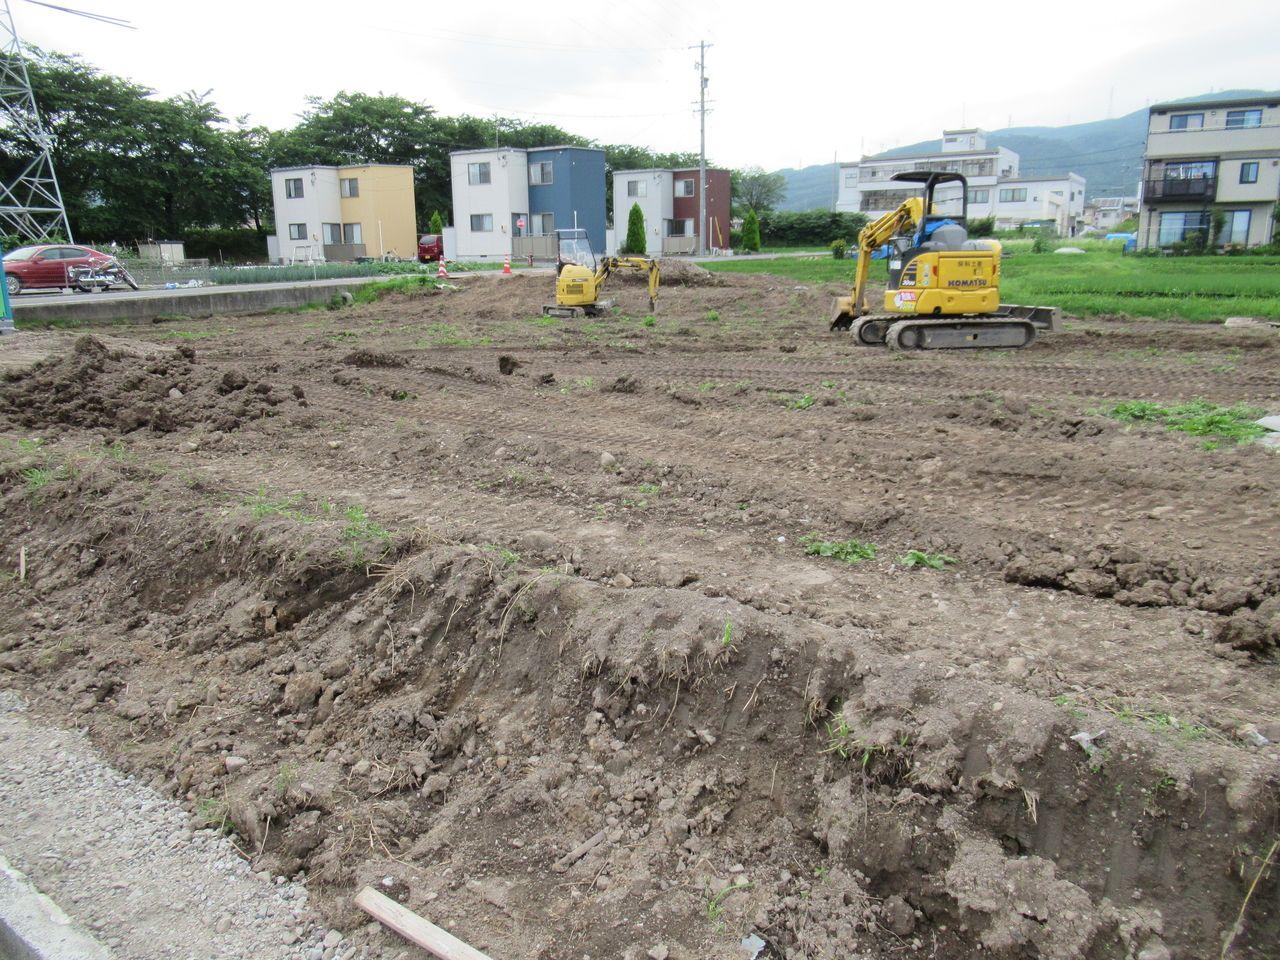 良い土です。植物がスクスクと育ってくれそうですね